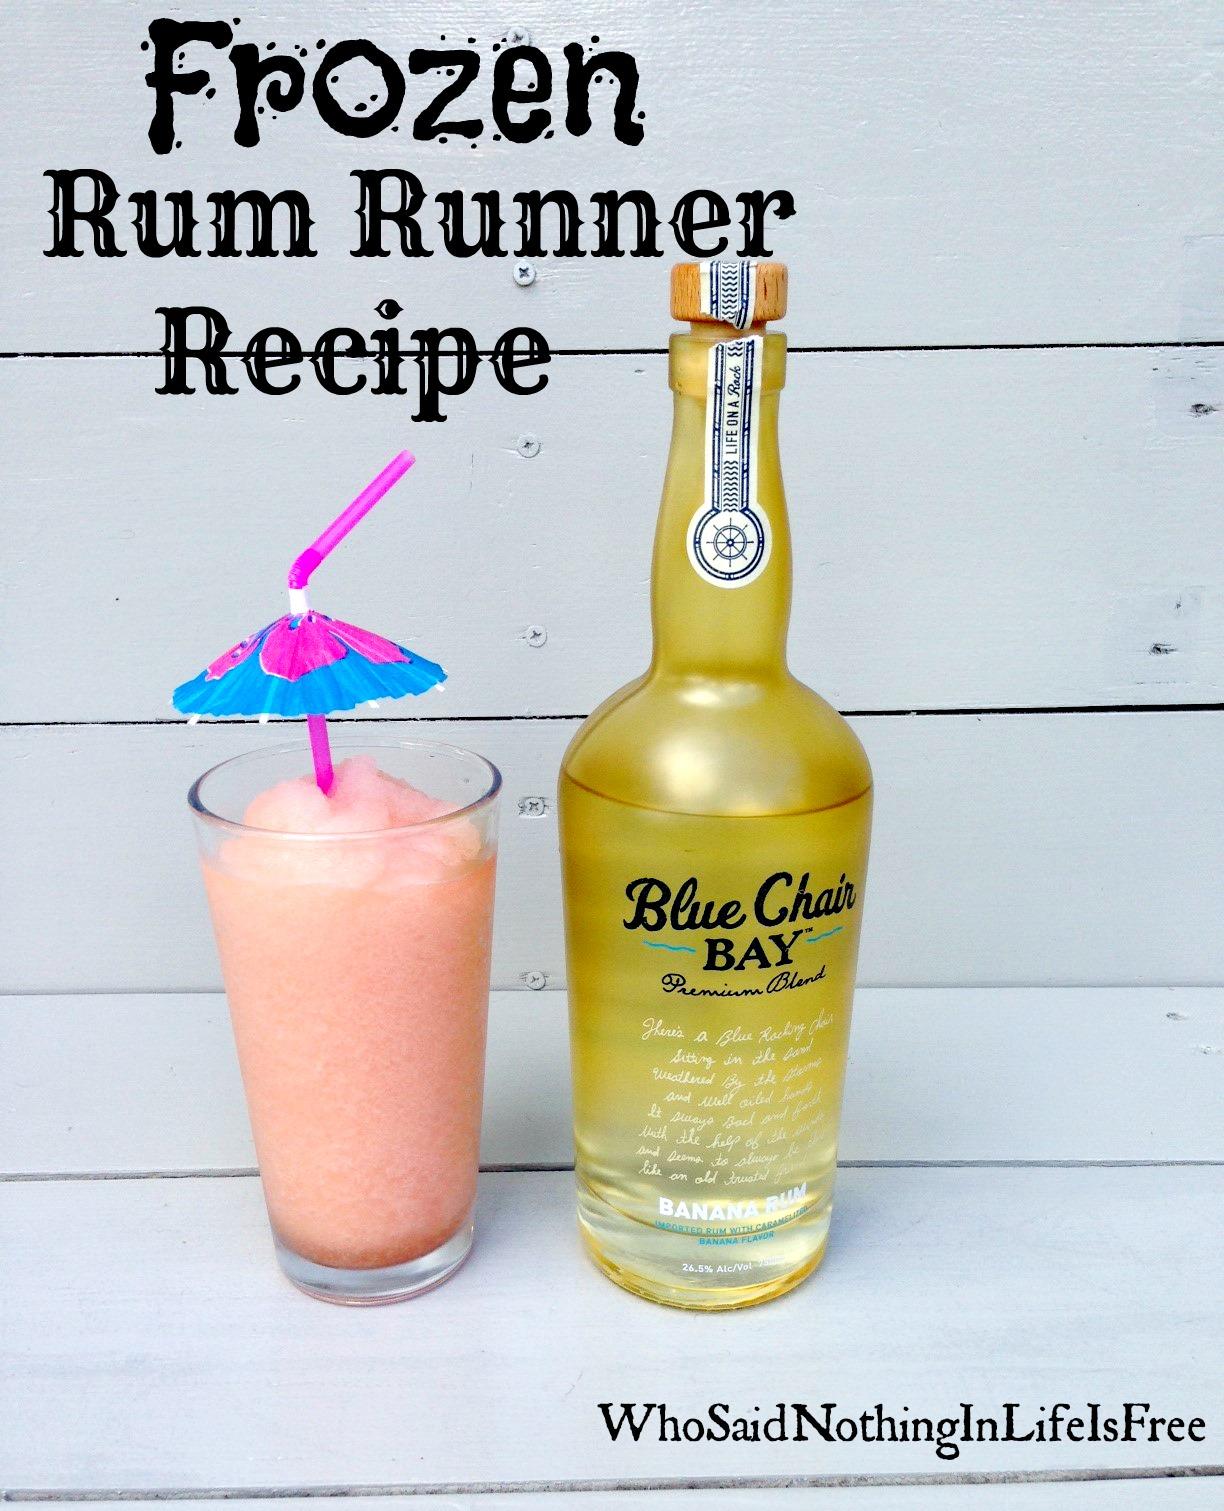 Frozen Rum Runner Recipe